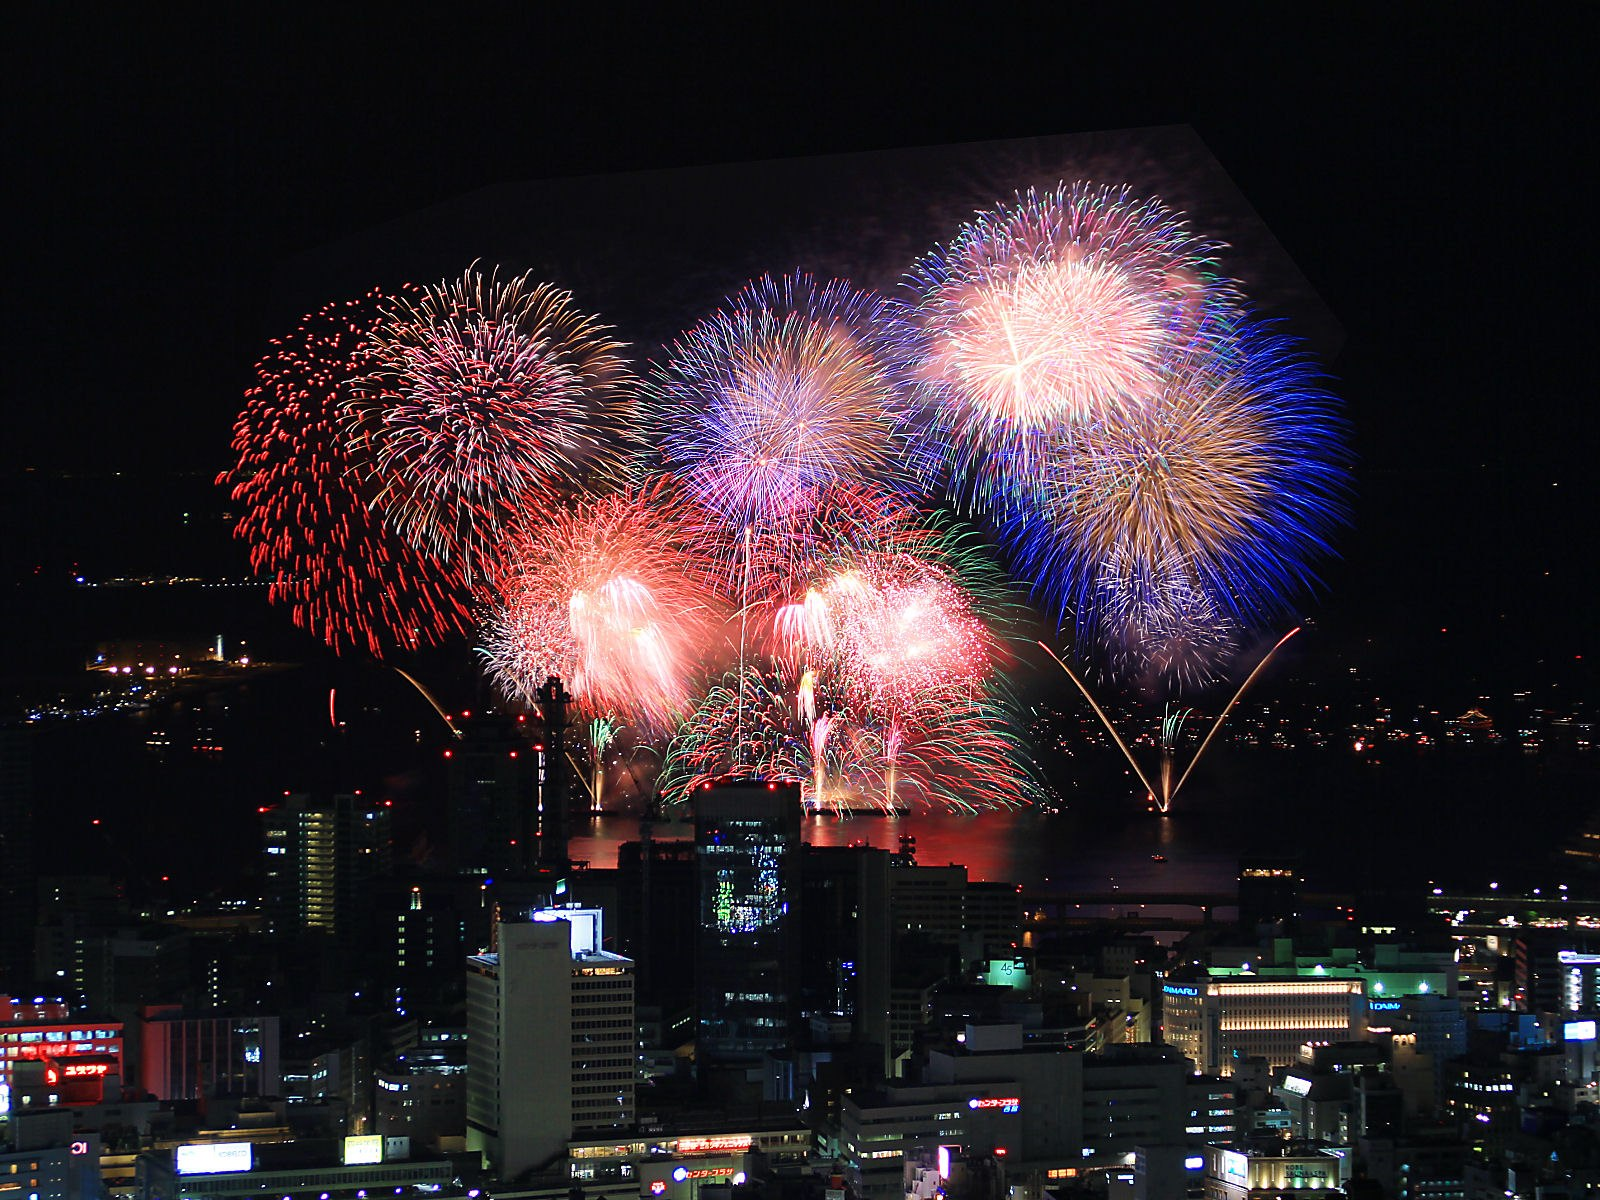 Bilder von Feuerwerk Feiertage 1600x1200